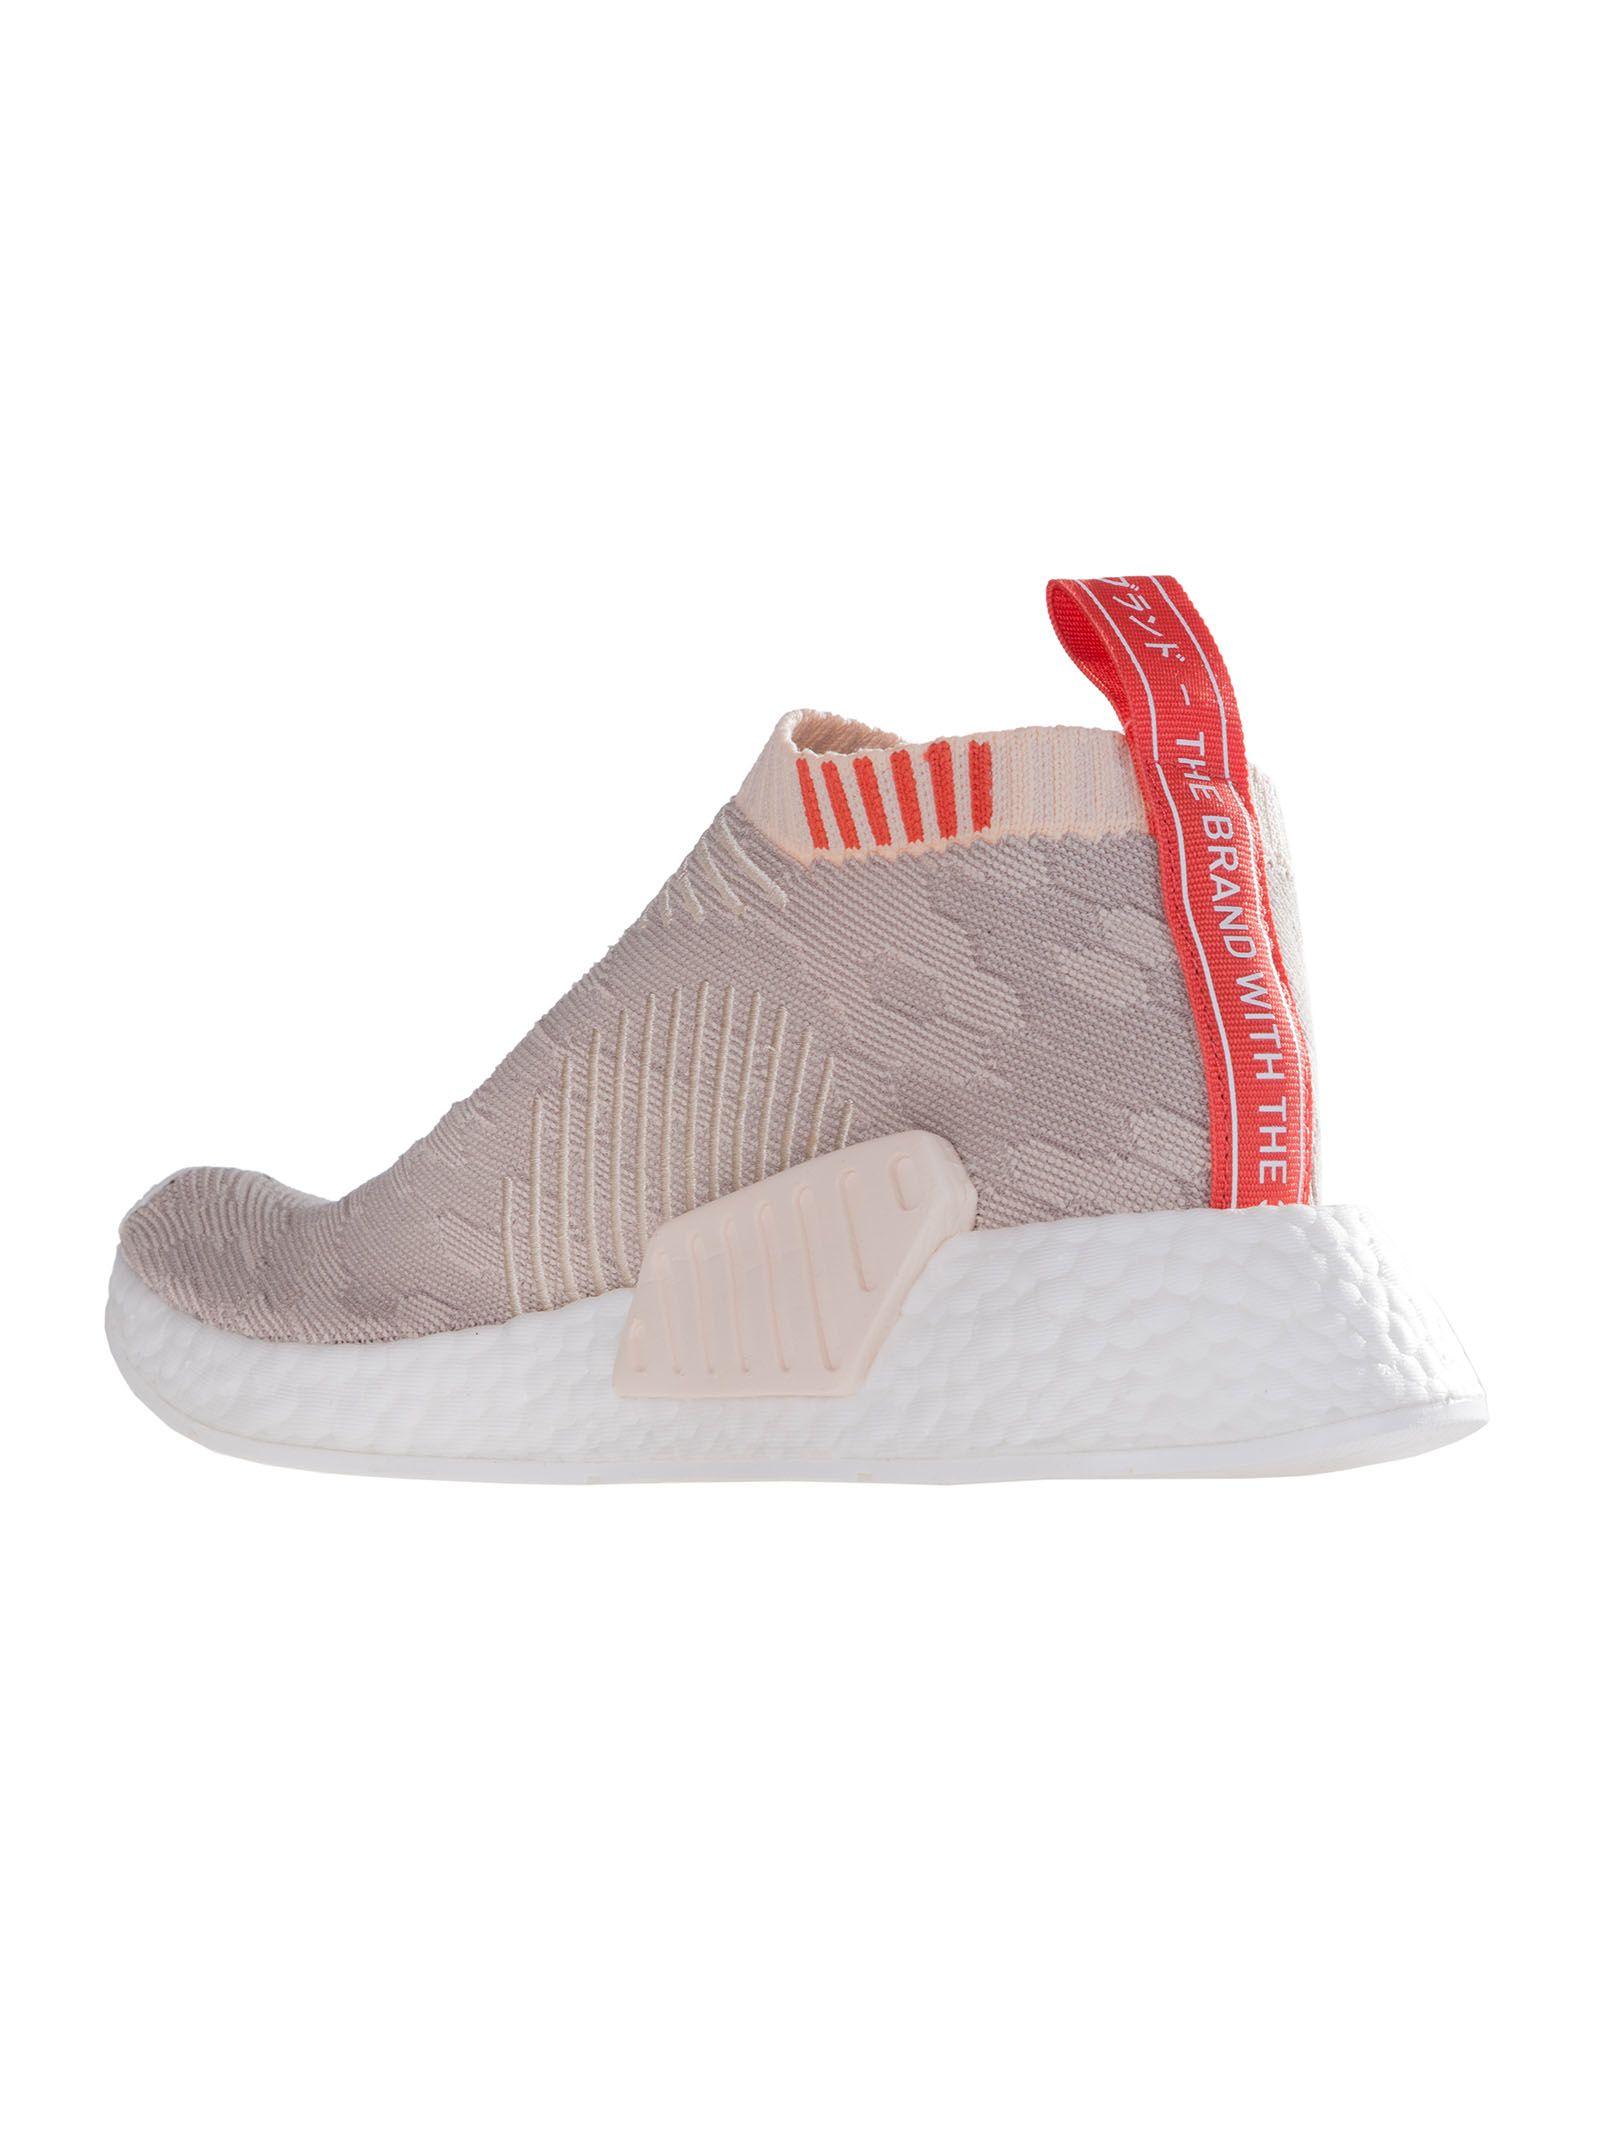 Zapatillas adidas Adidas NMD CS2 primeknit linenvapgreftwwht